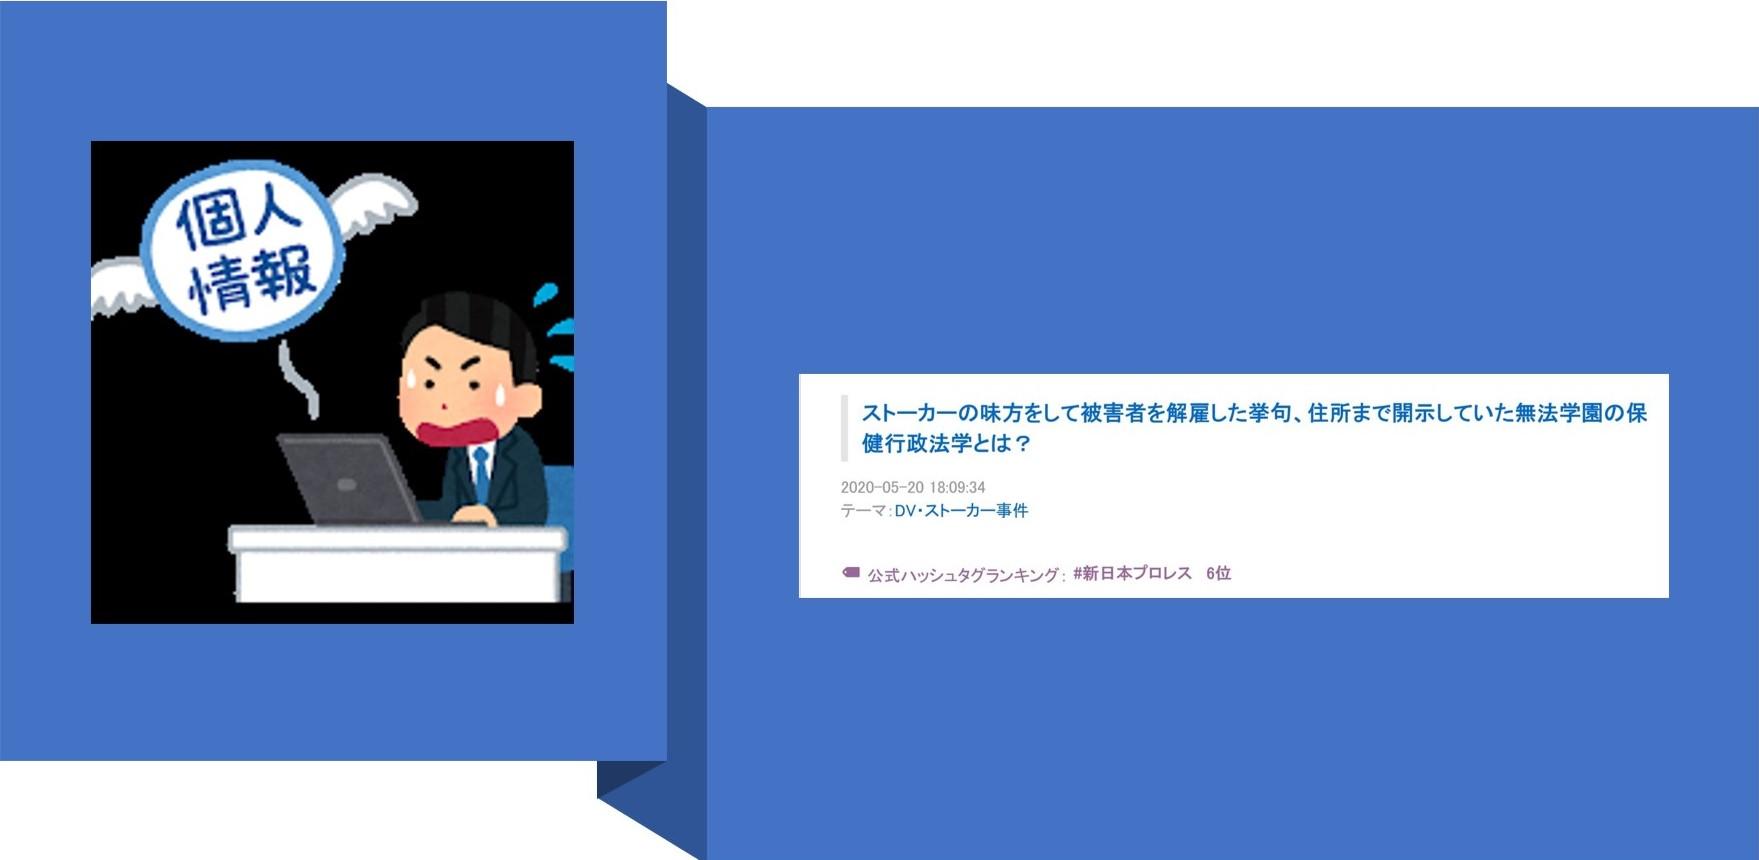 関西医療学園個人情報